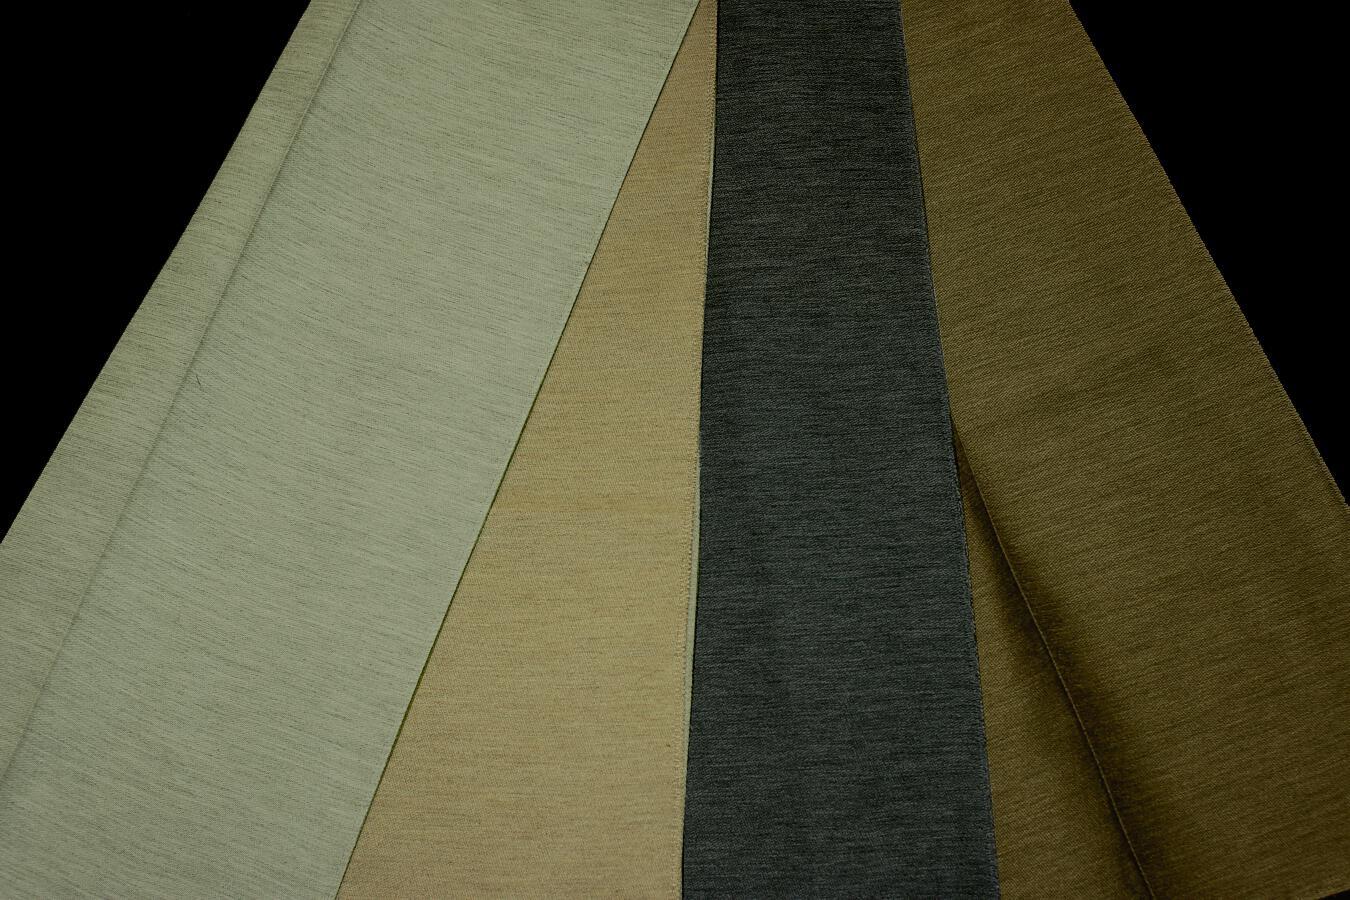 Závěs Nikky Šíře: 280 cm 50 černá